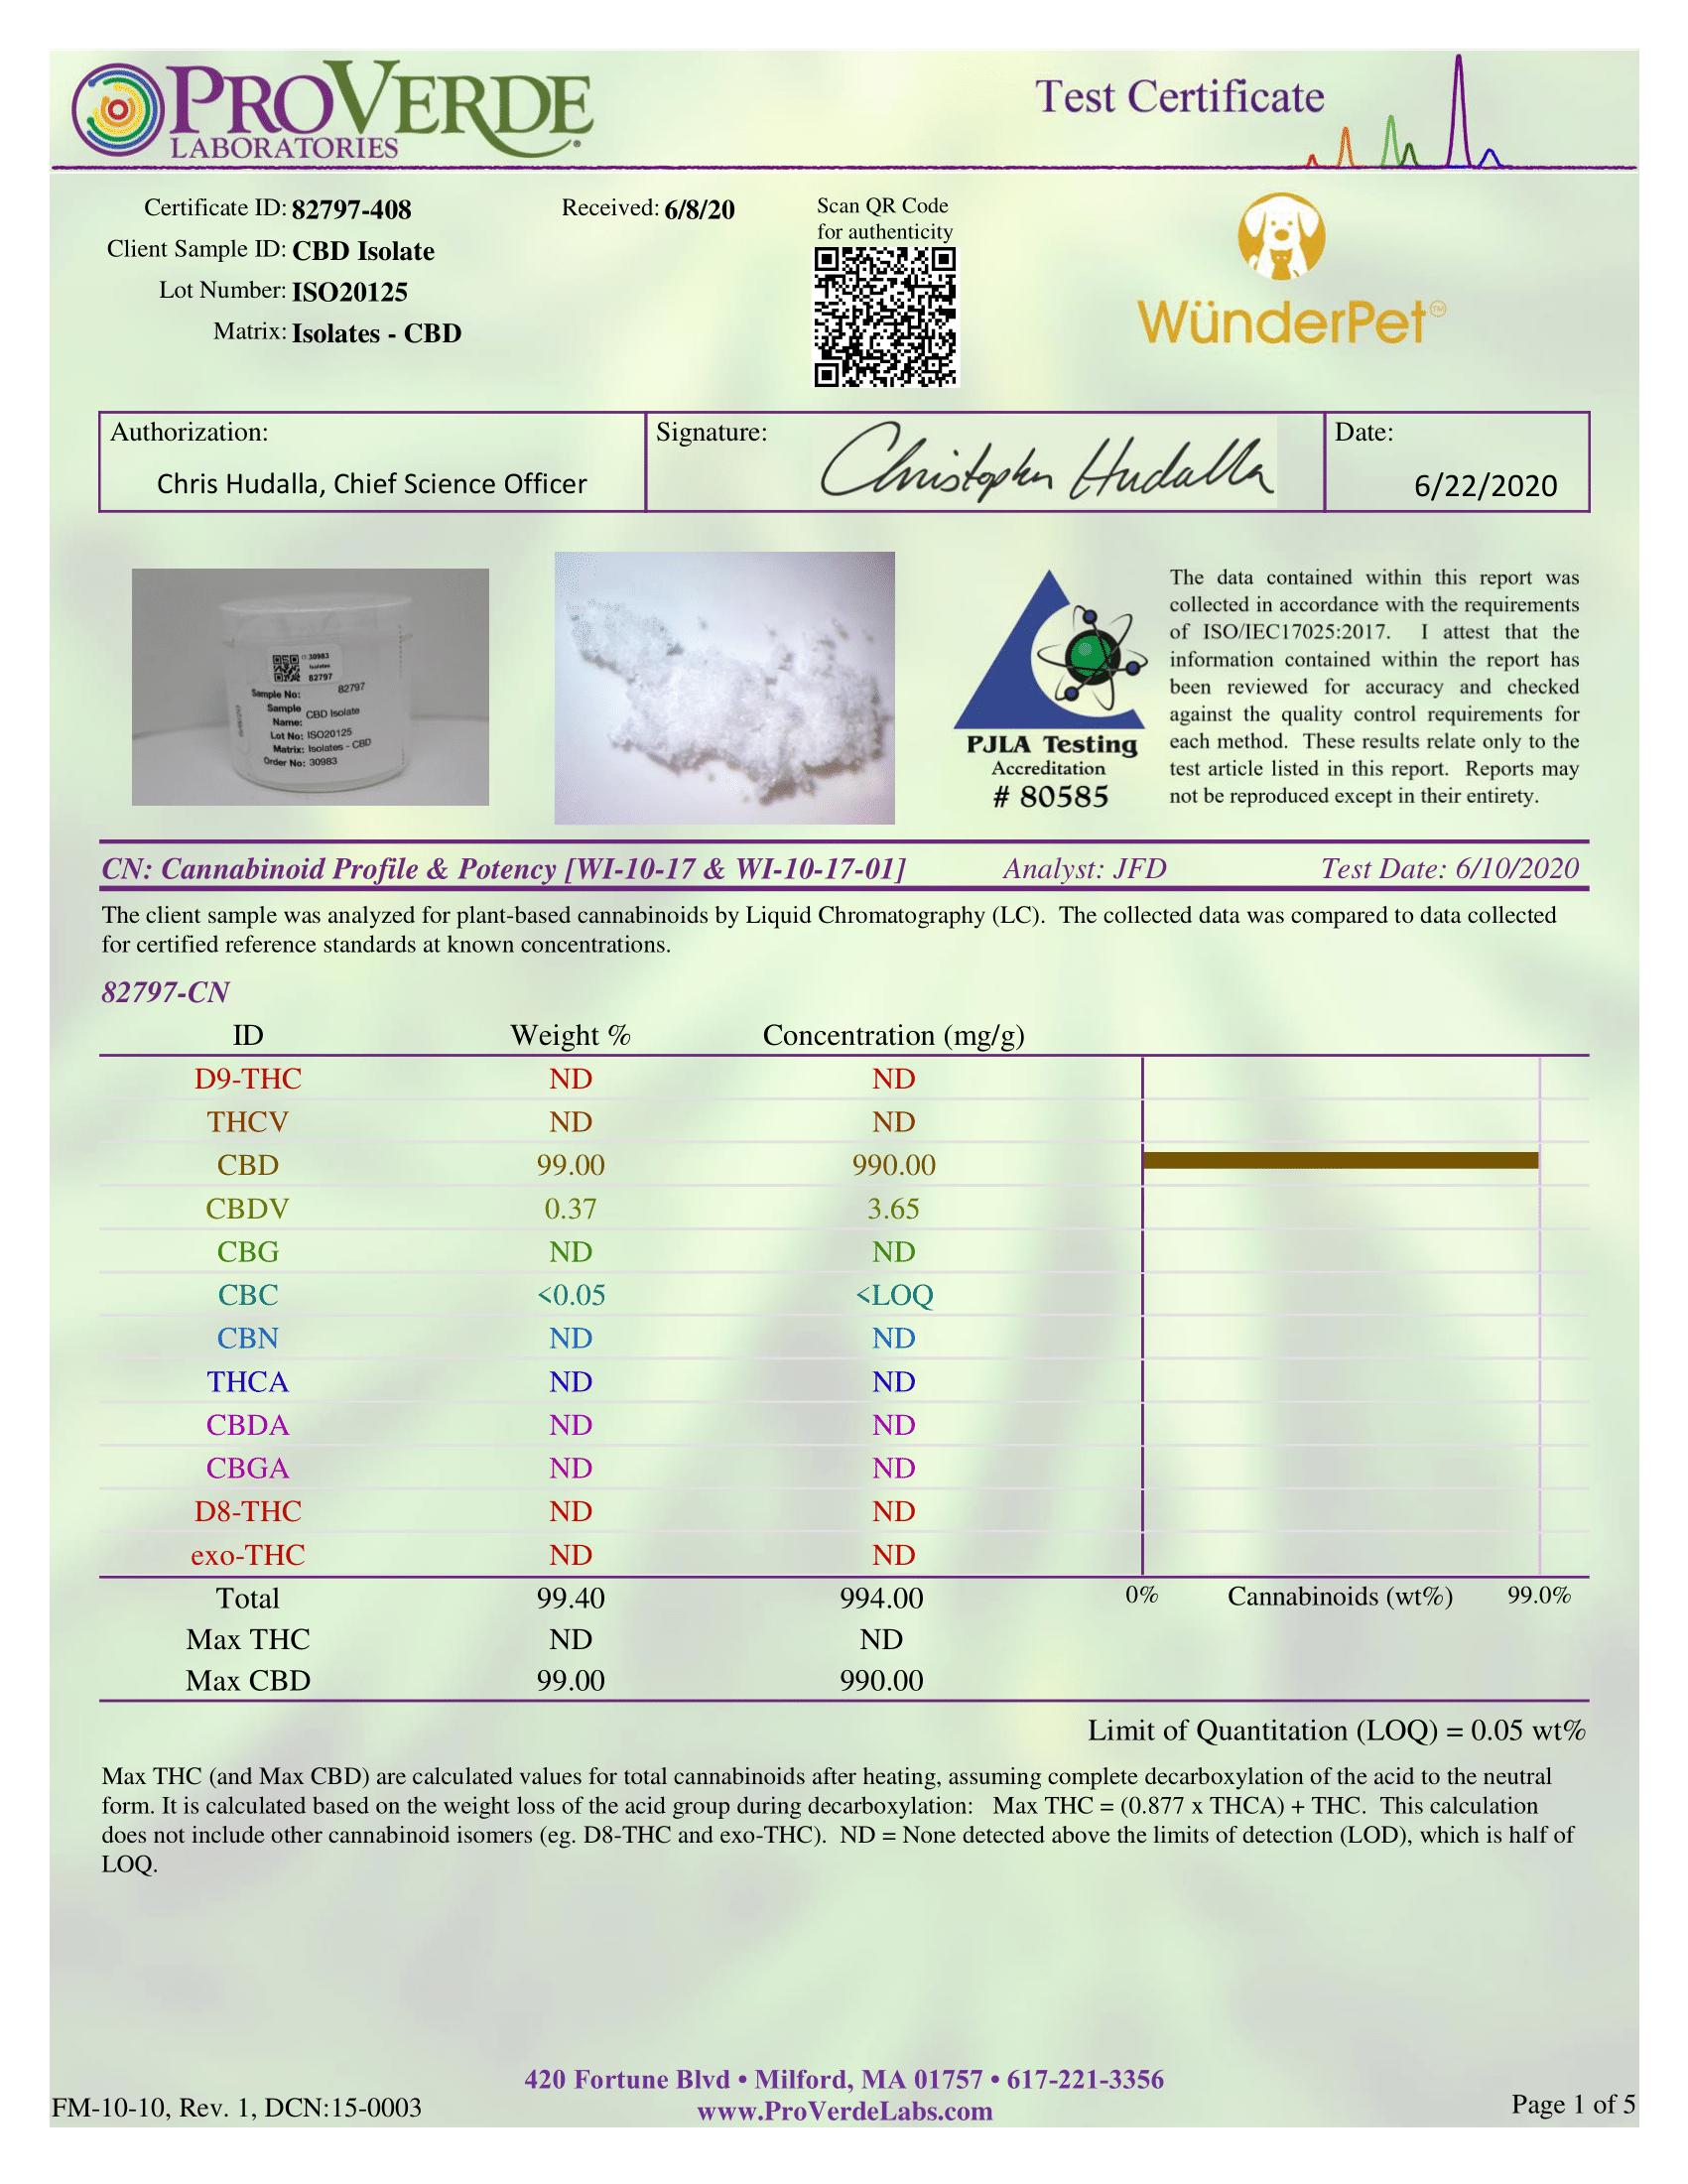 results.ashx-1